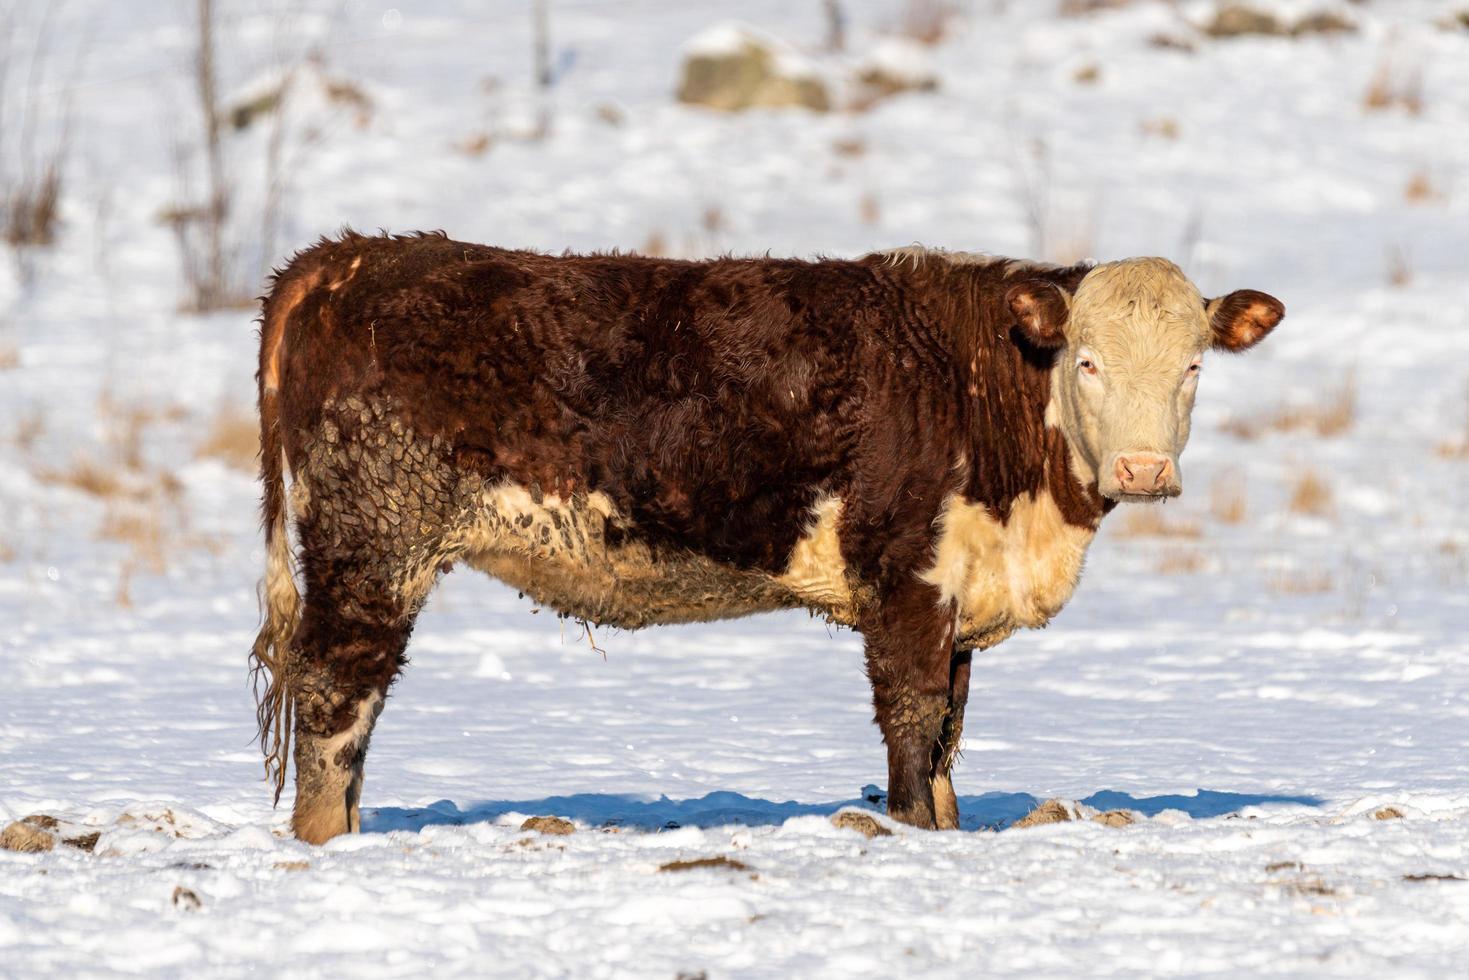 vuile bruine koe buiten in een weiland op een zonnige winterdag foto